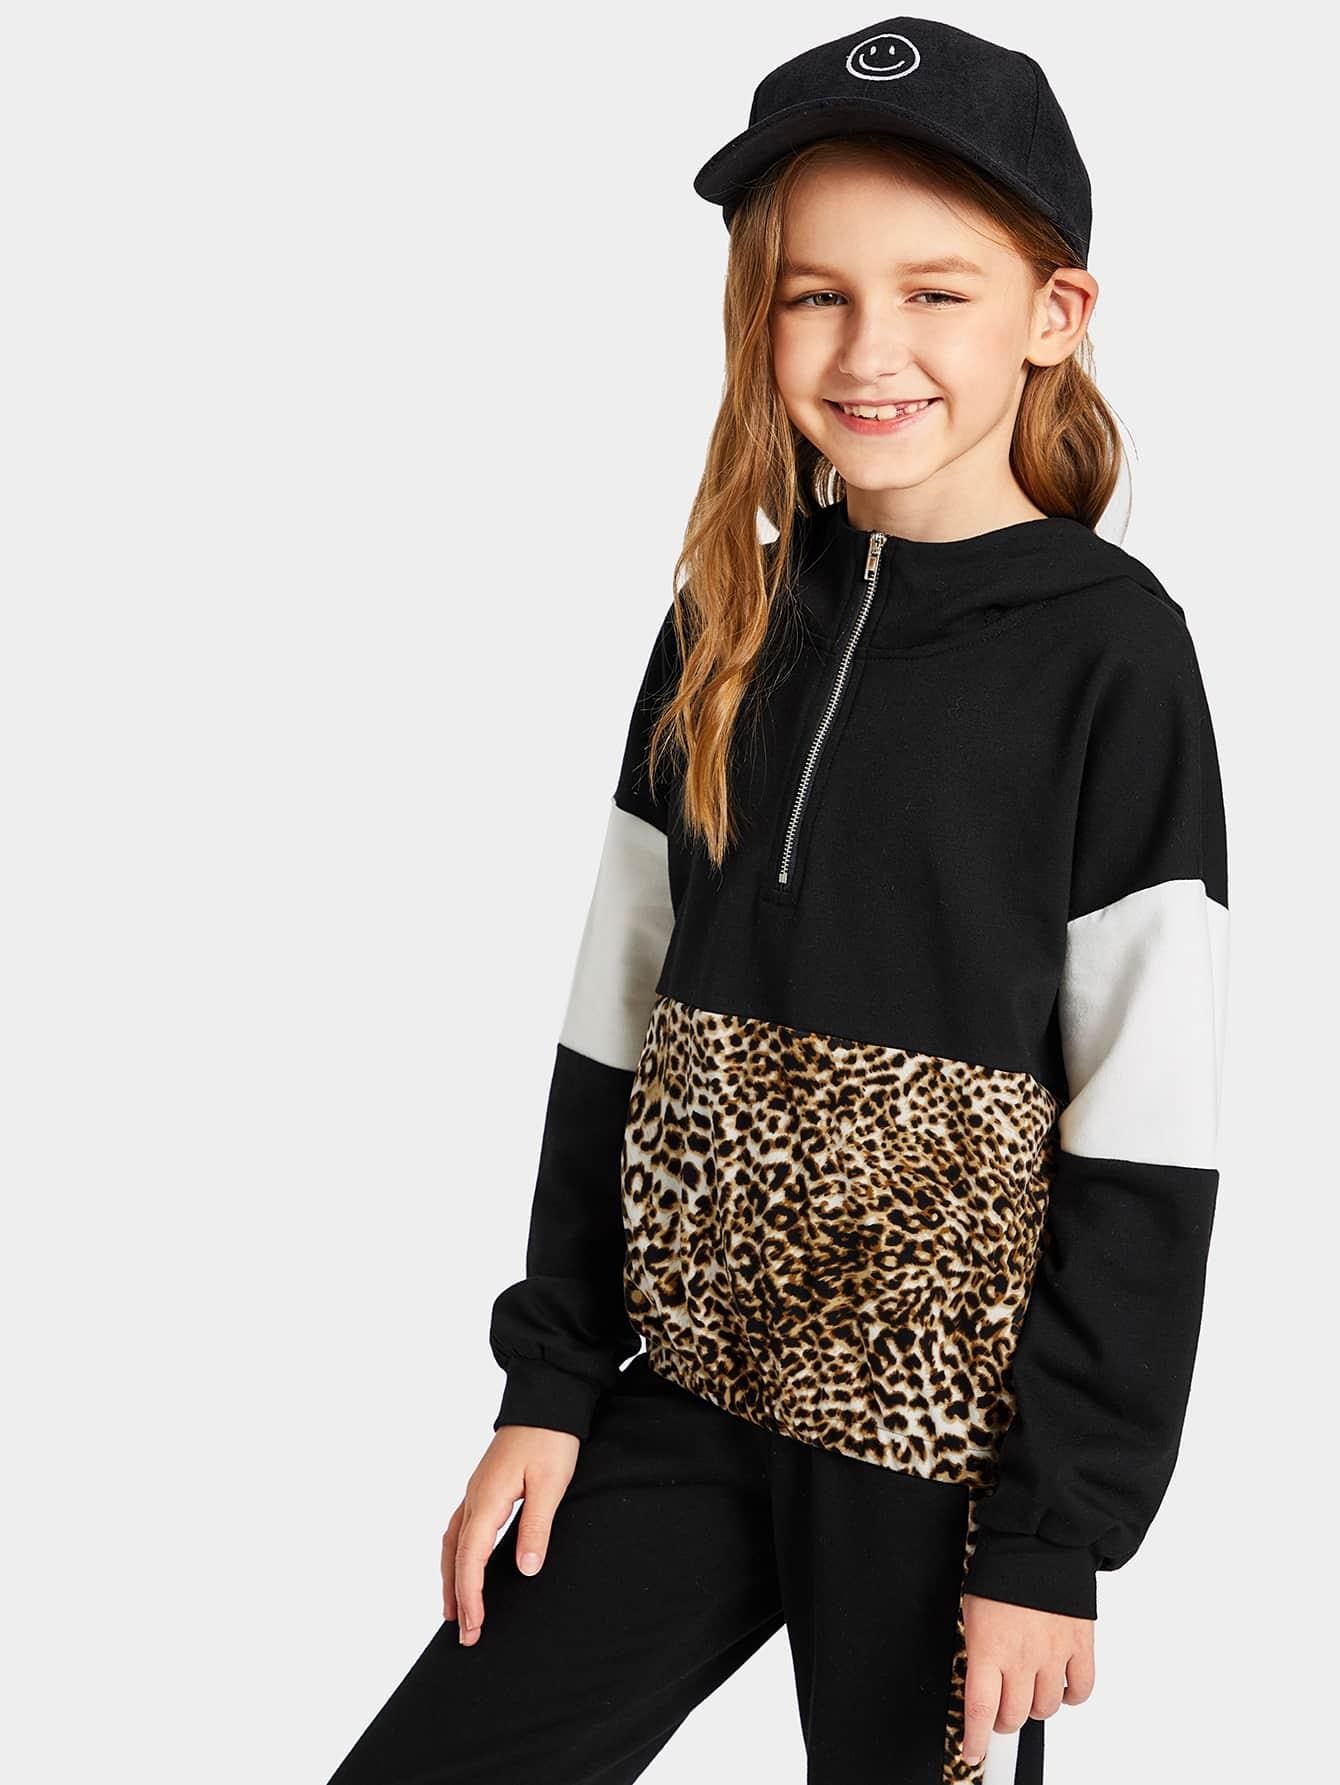 Купить Контрастная леопардовая толстовка и брюки комплект для девочек, Sashab, SheIn